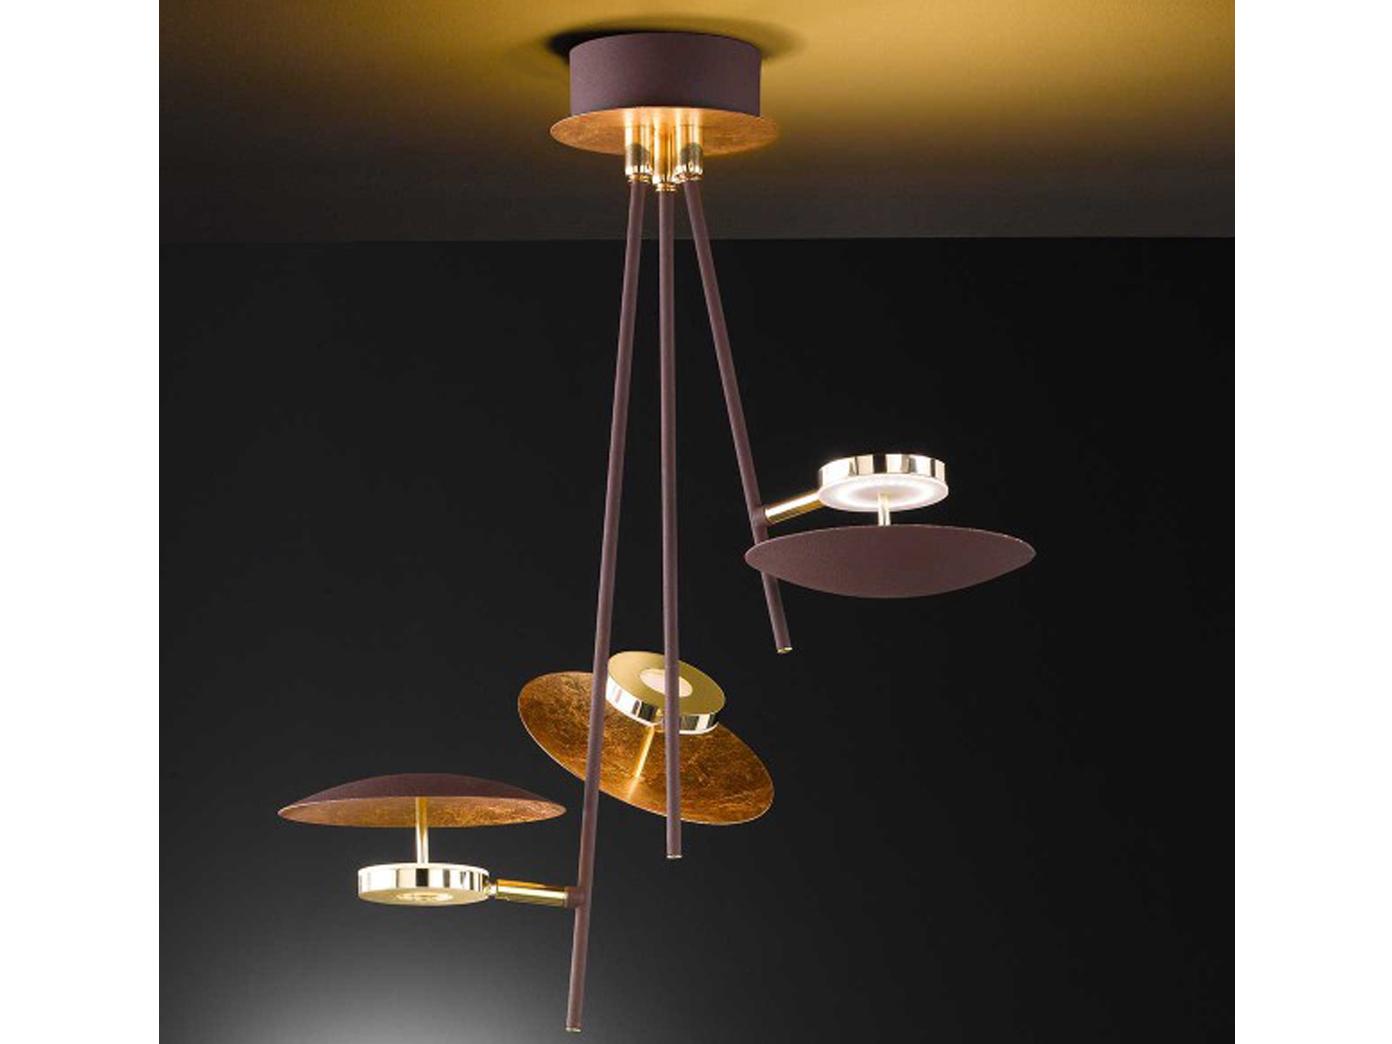 Moderne Lampen 13 : Ausgefallene led deckenlampe braun gold spots schwenkbar 13 5w